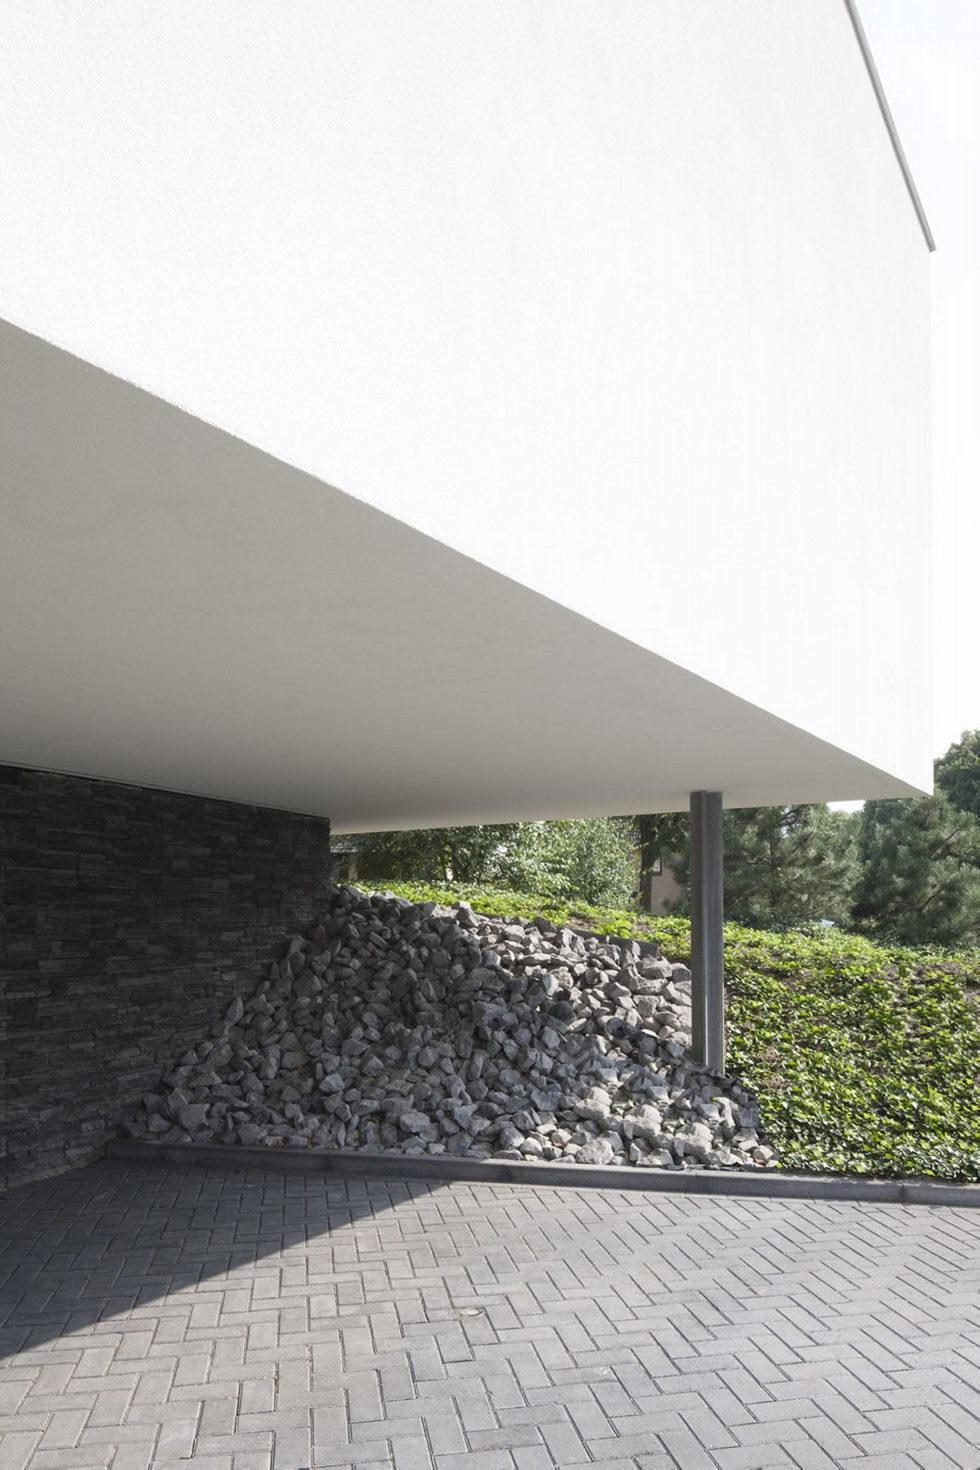 Spee Haelen Minimalism-Style Villa From Lab32 architecten Studio 8